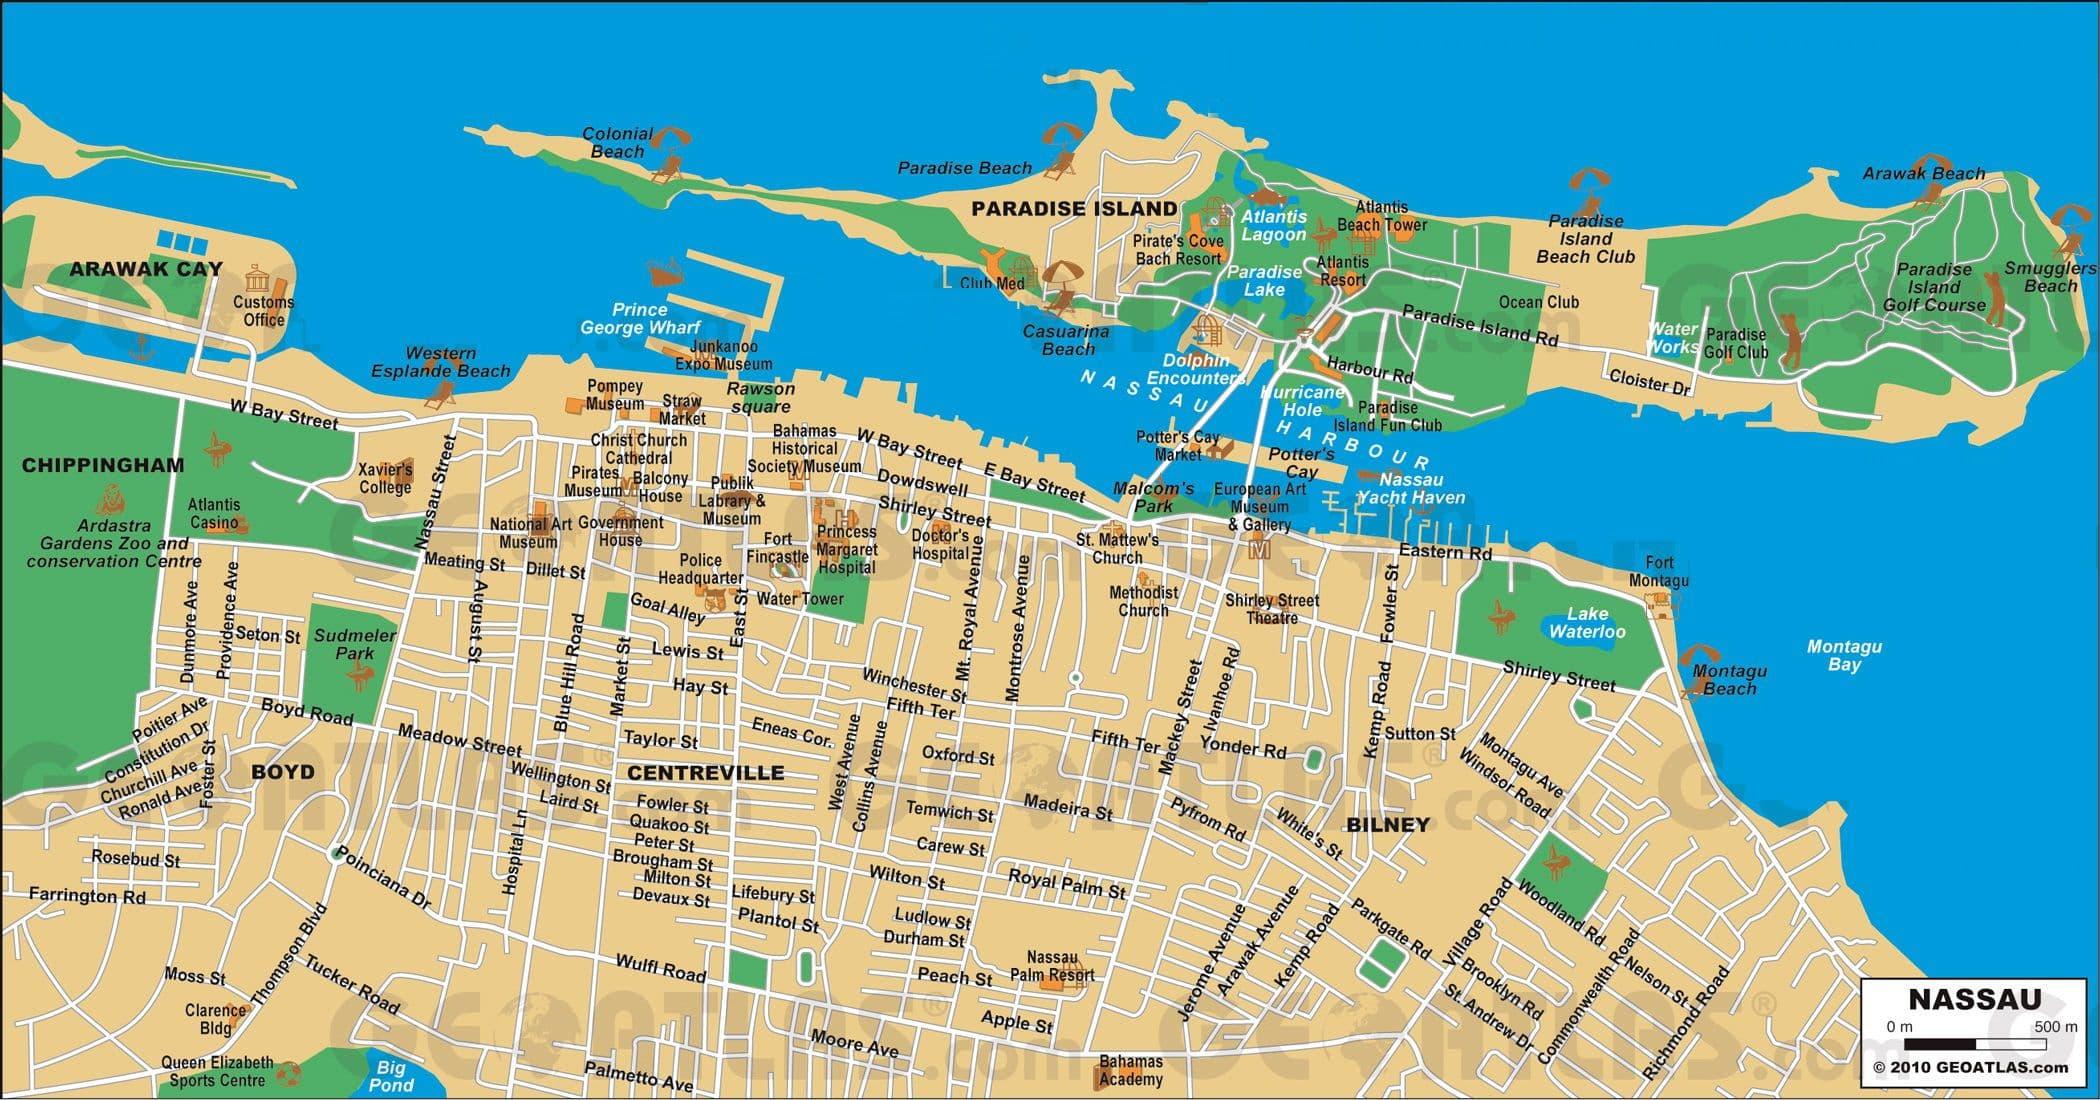 Nassau casino map gold dust casino